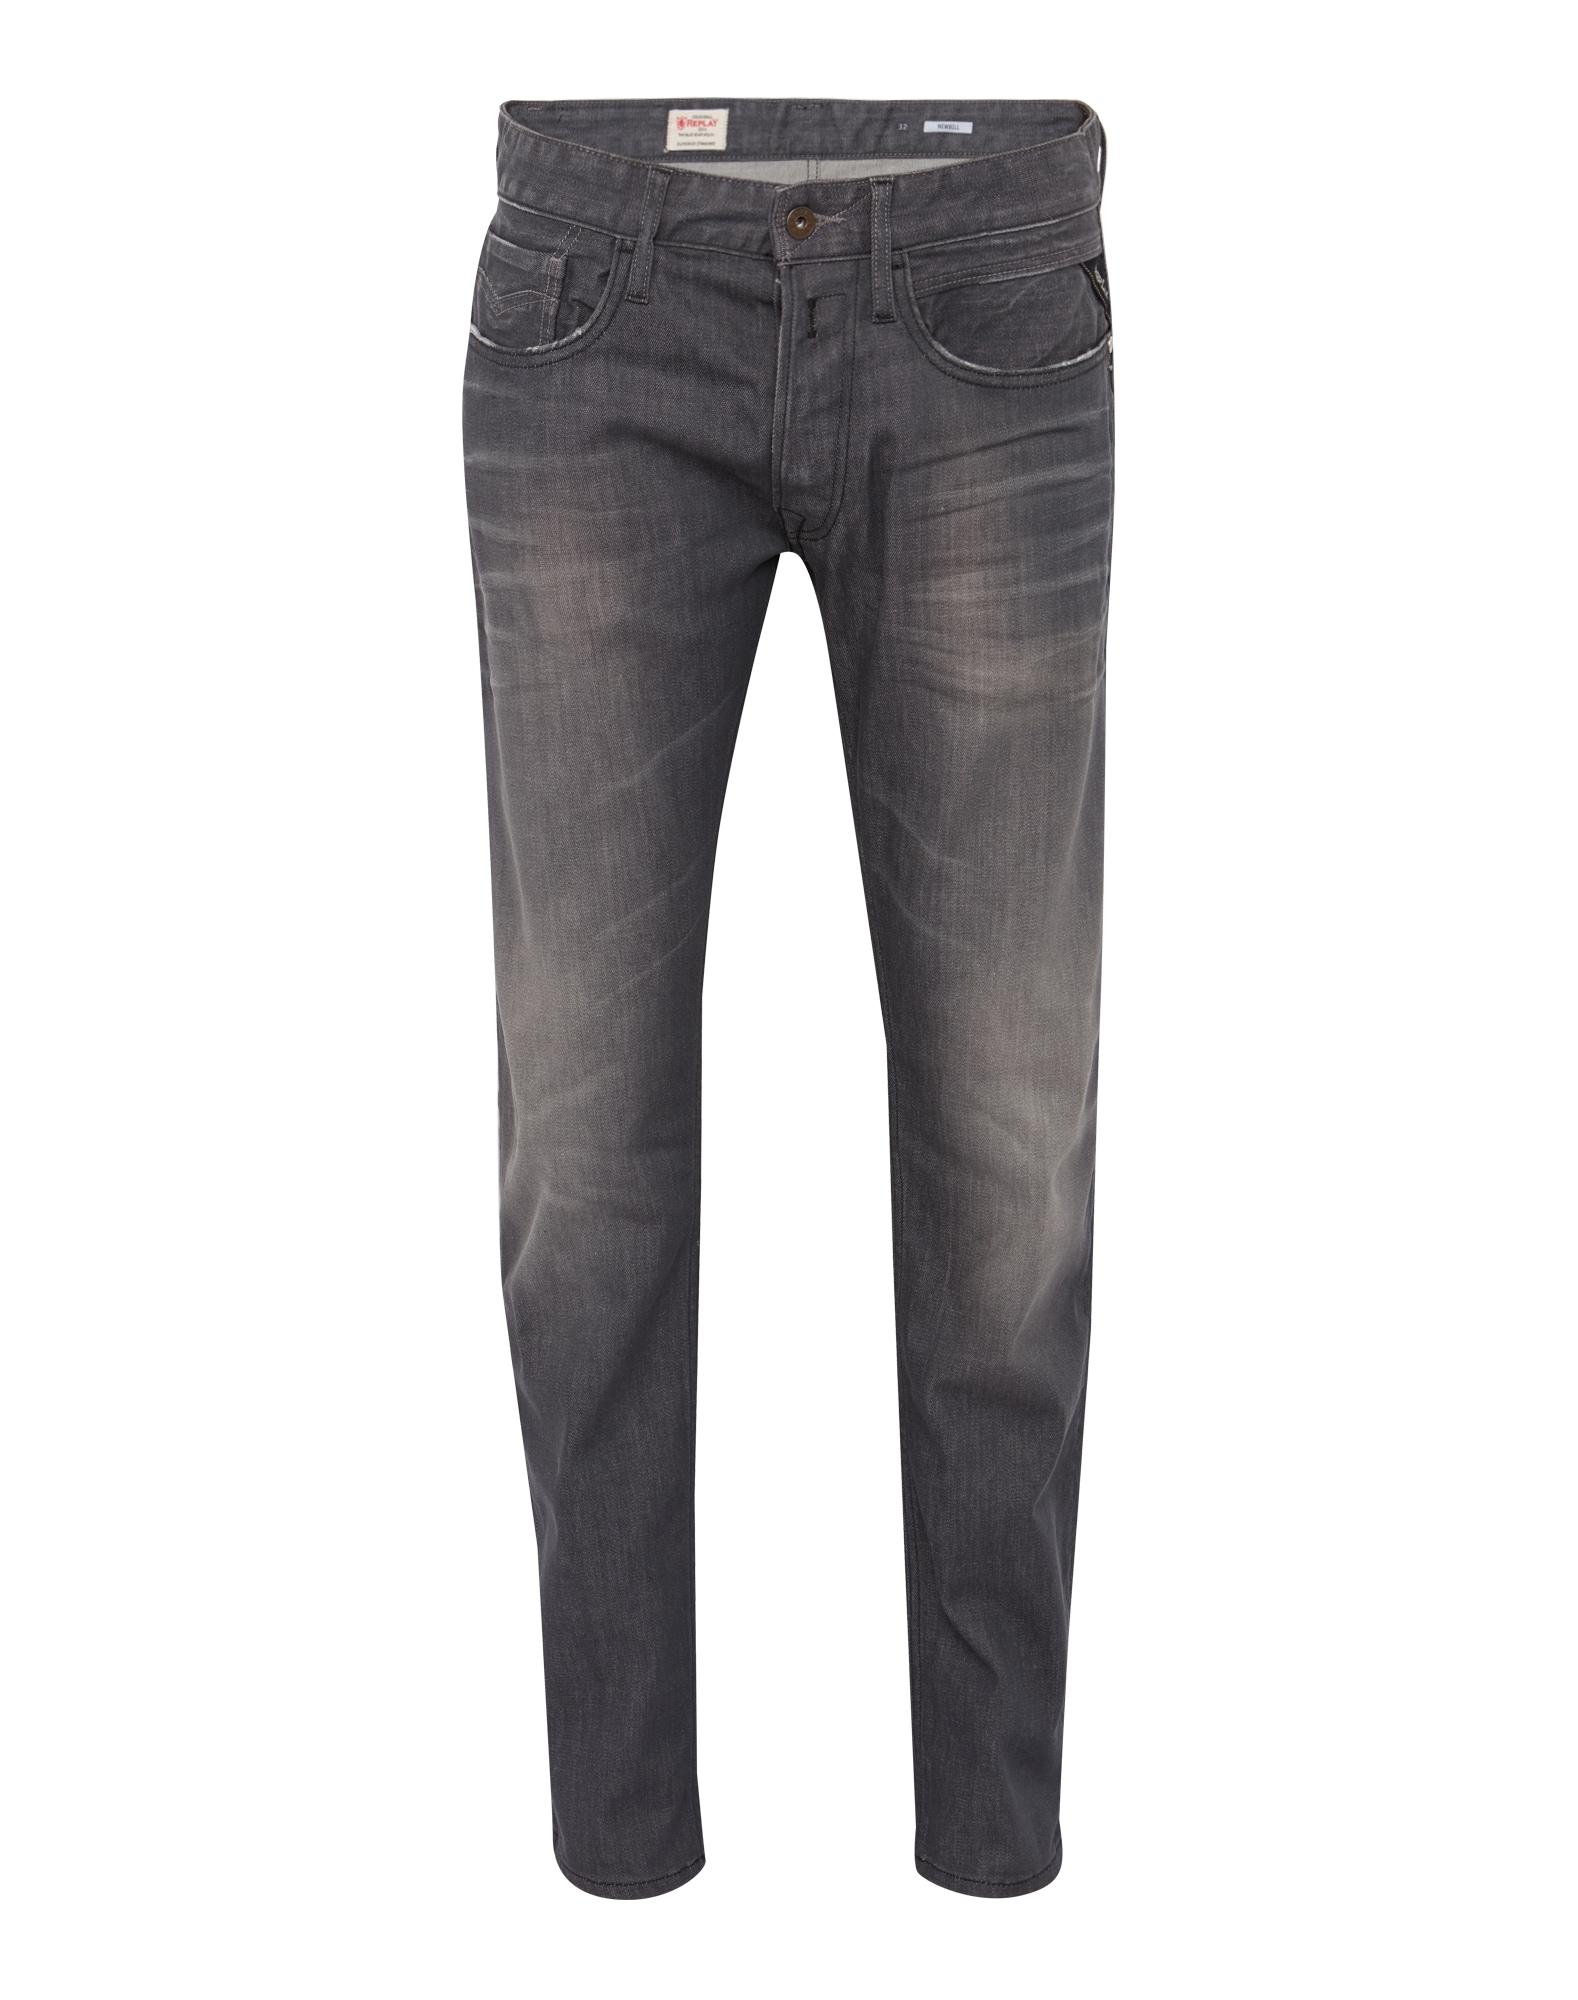 REPLAY Heren Jeans Newbill grey denim